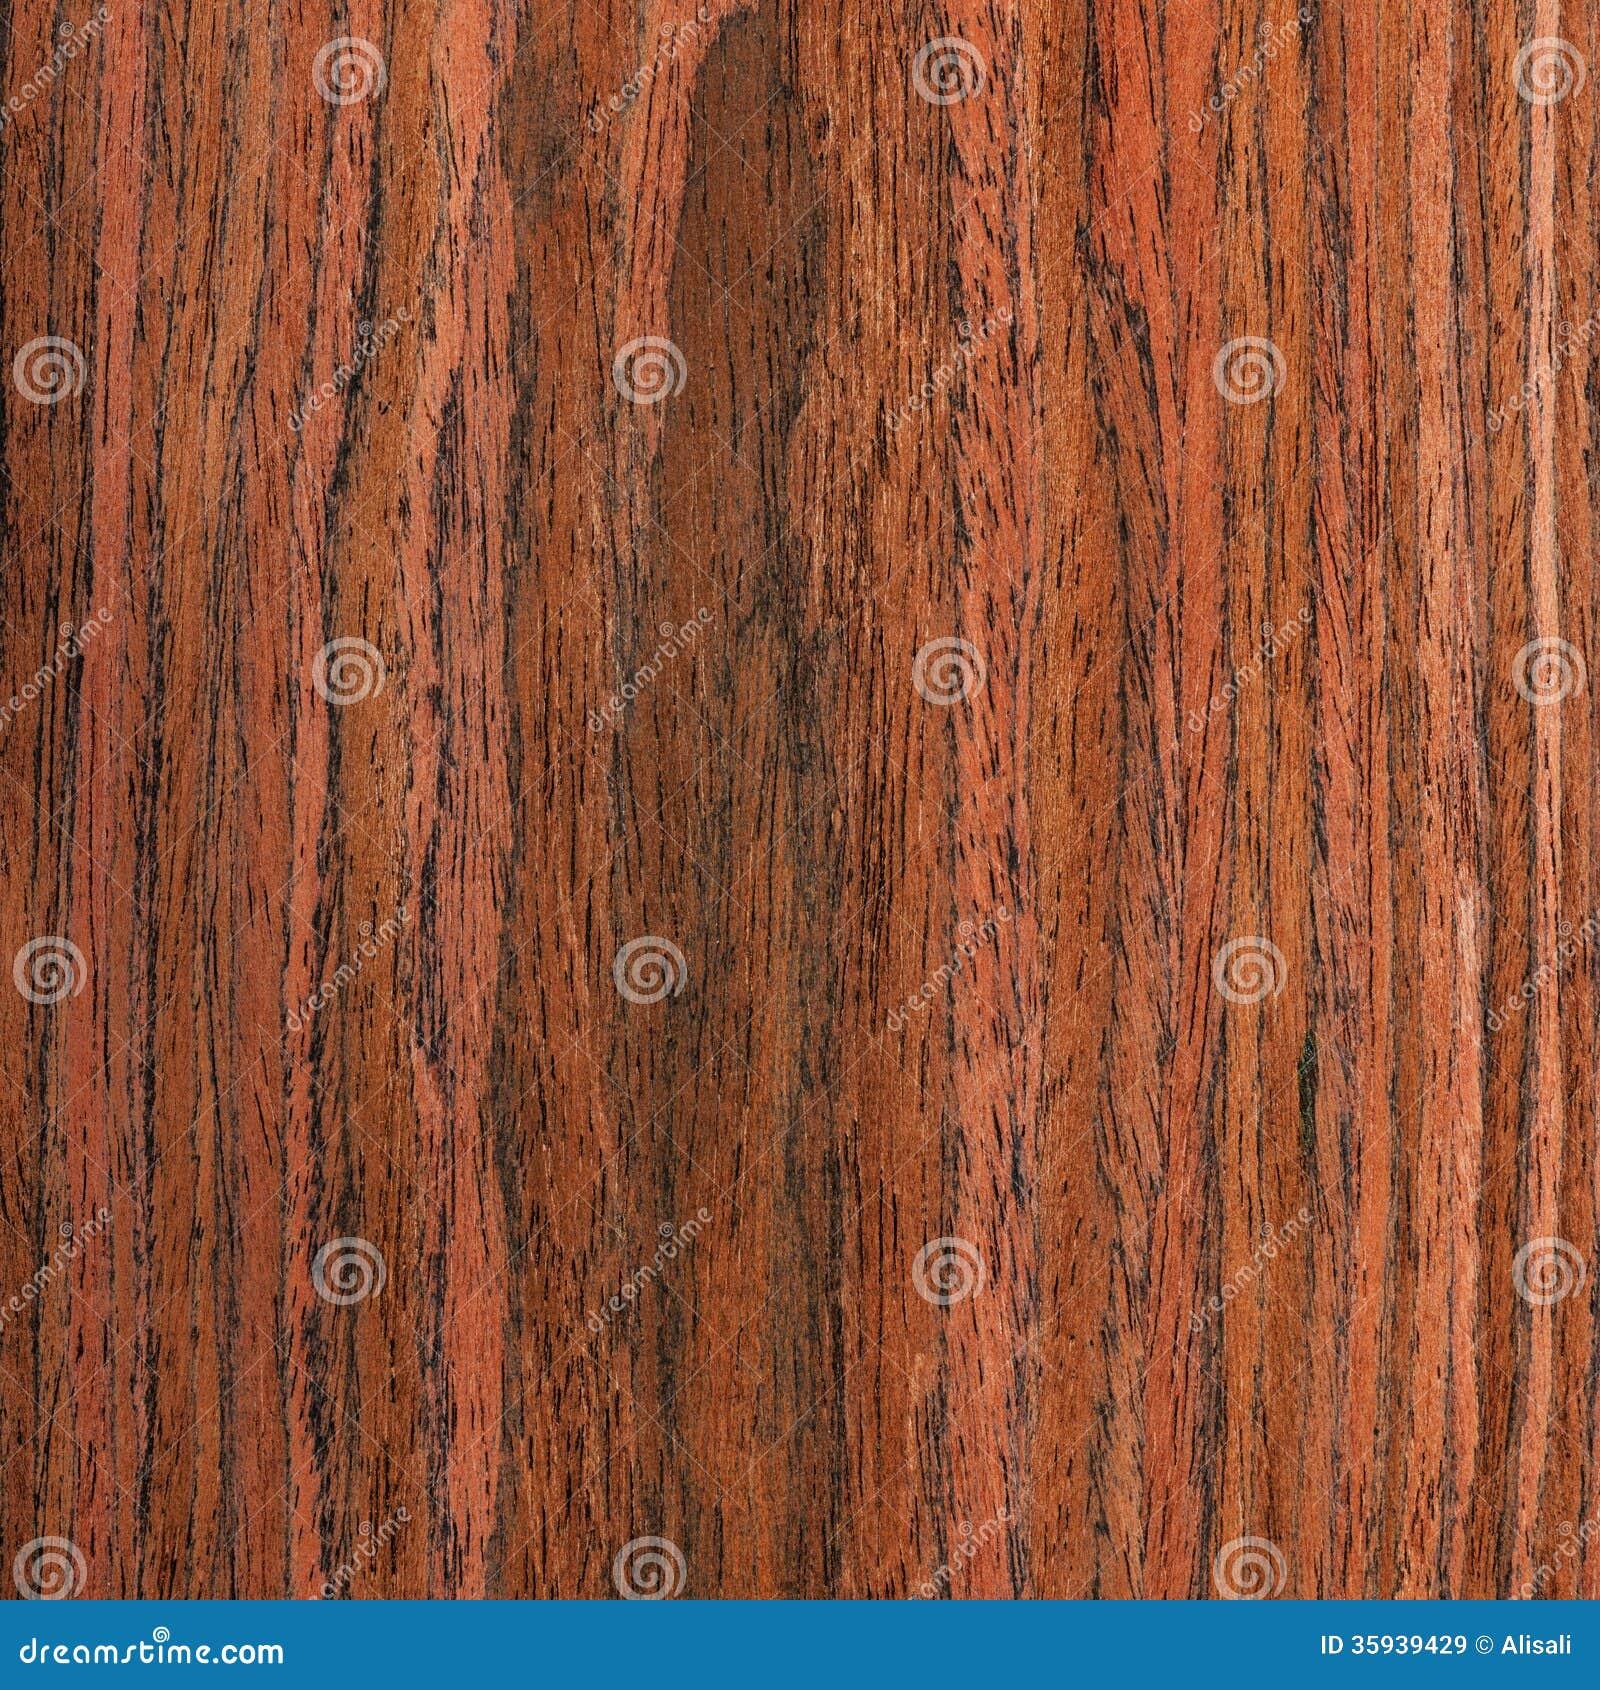 arbre de wenge de texture grain en bois image stock image du hardwood module 35939429. Black Bedroom Furniture Sets. Home Design Ideas